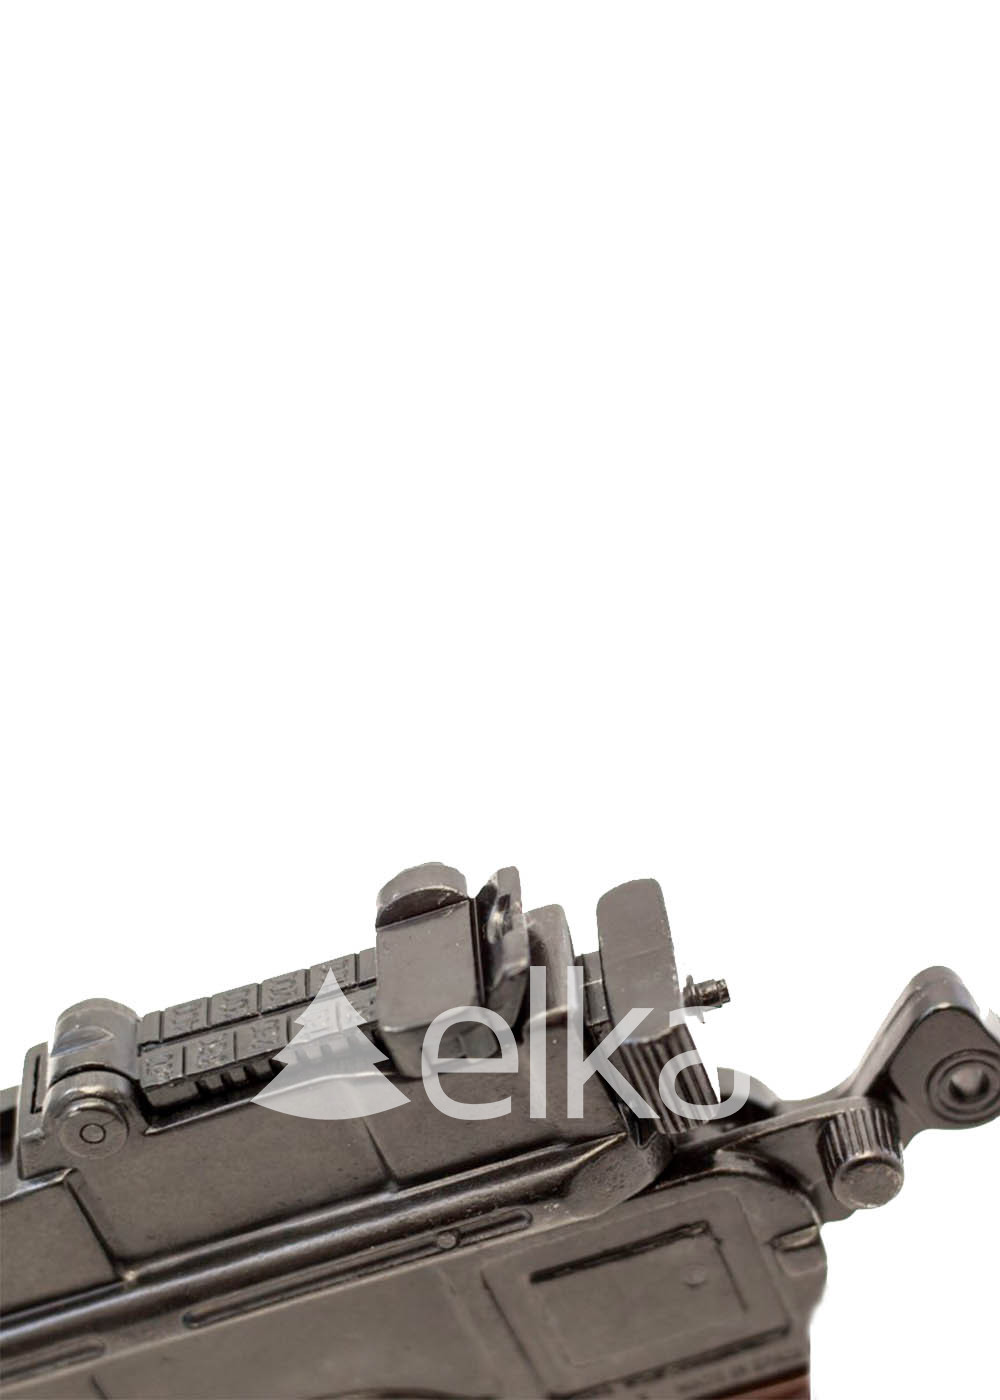 Пистолет Маузер С96, Германия 1896 г.